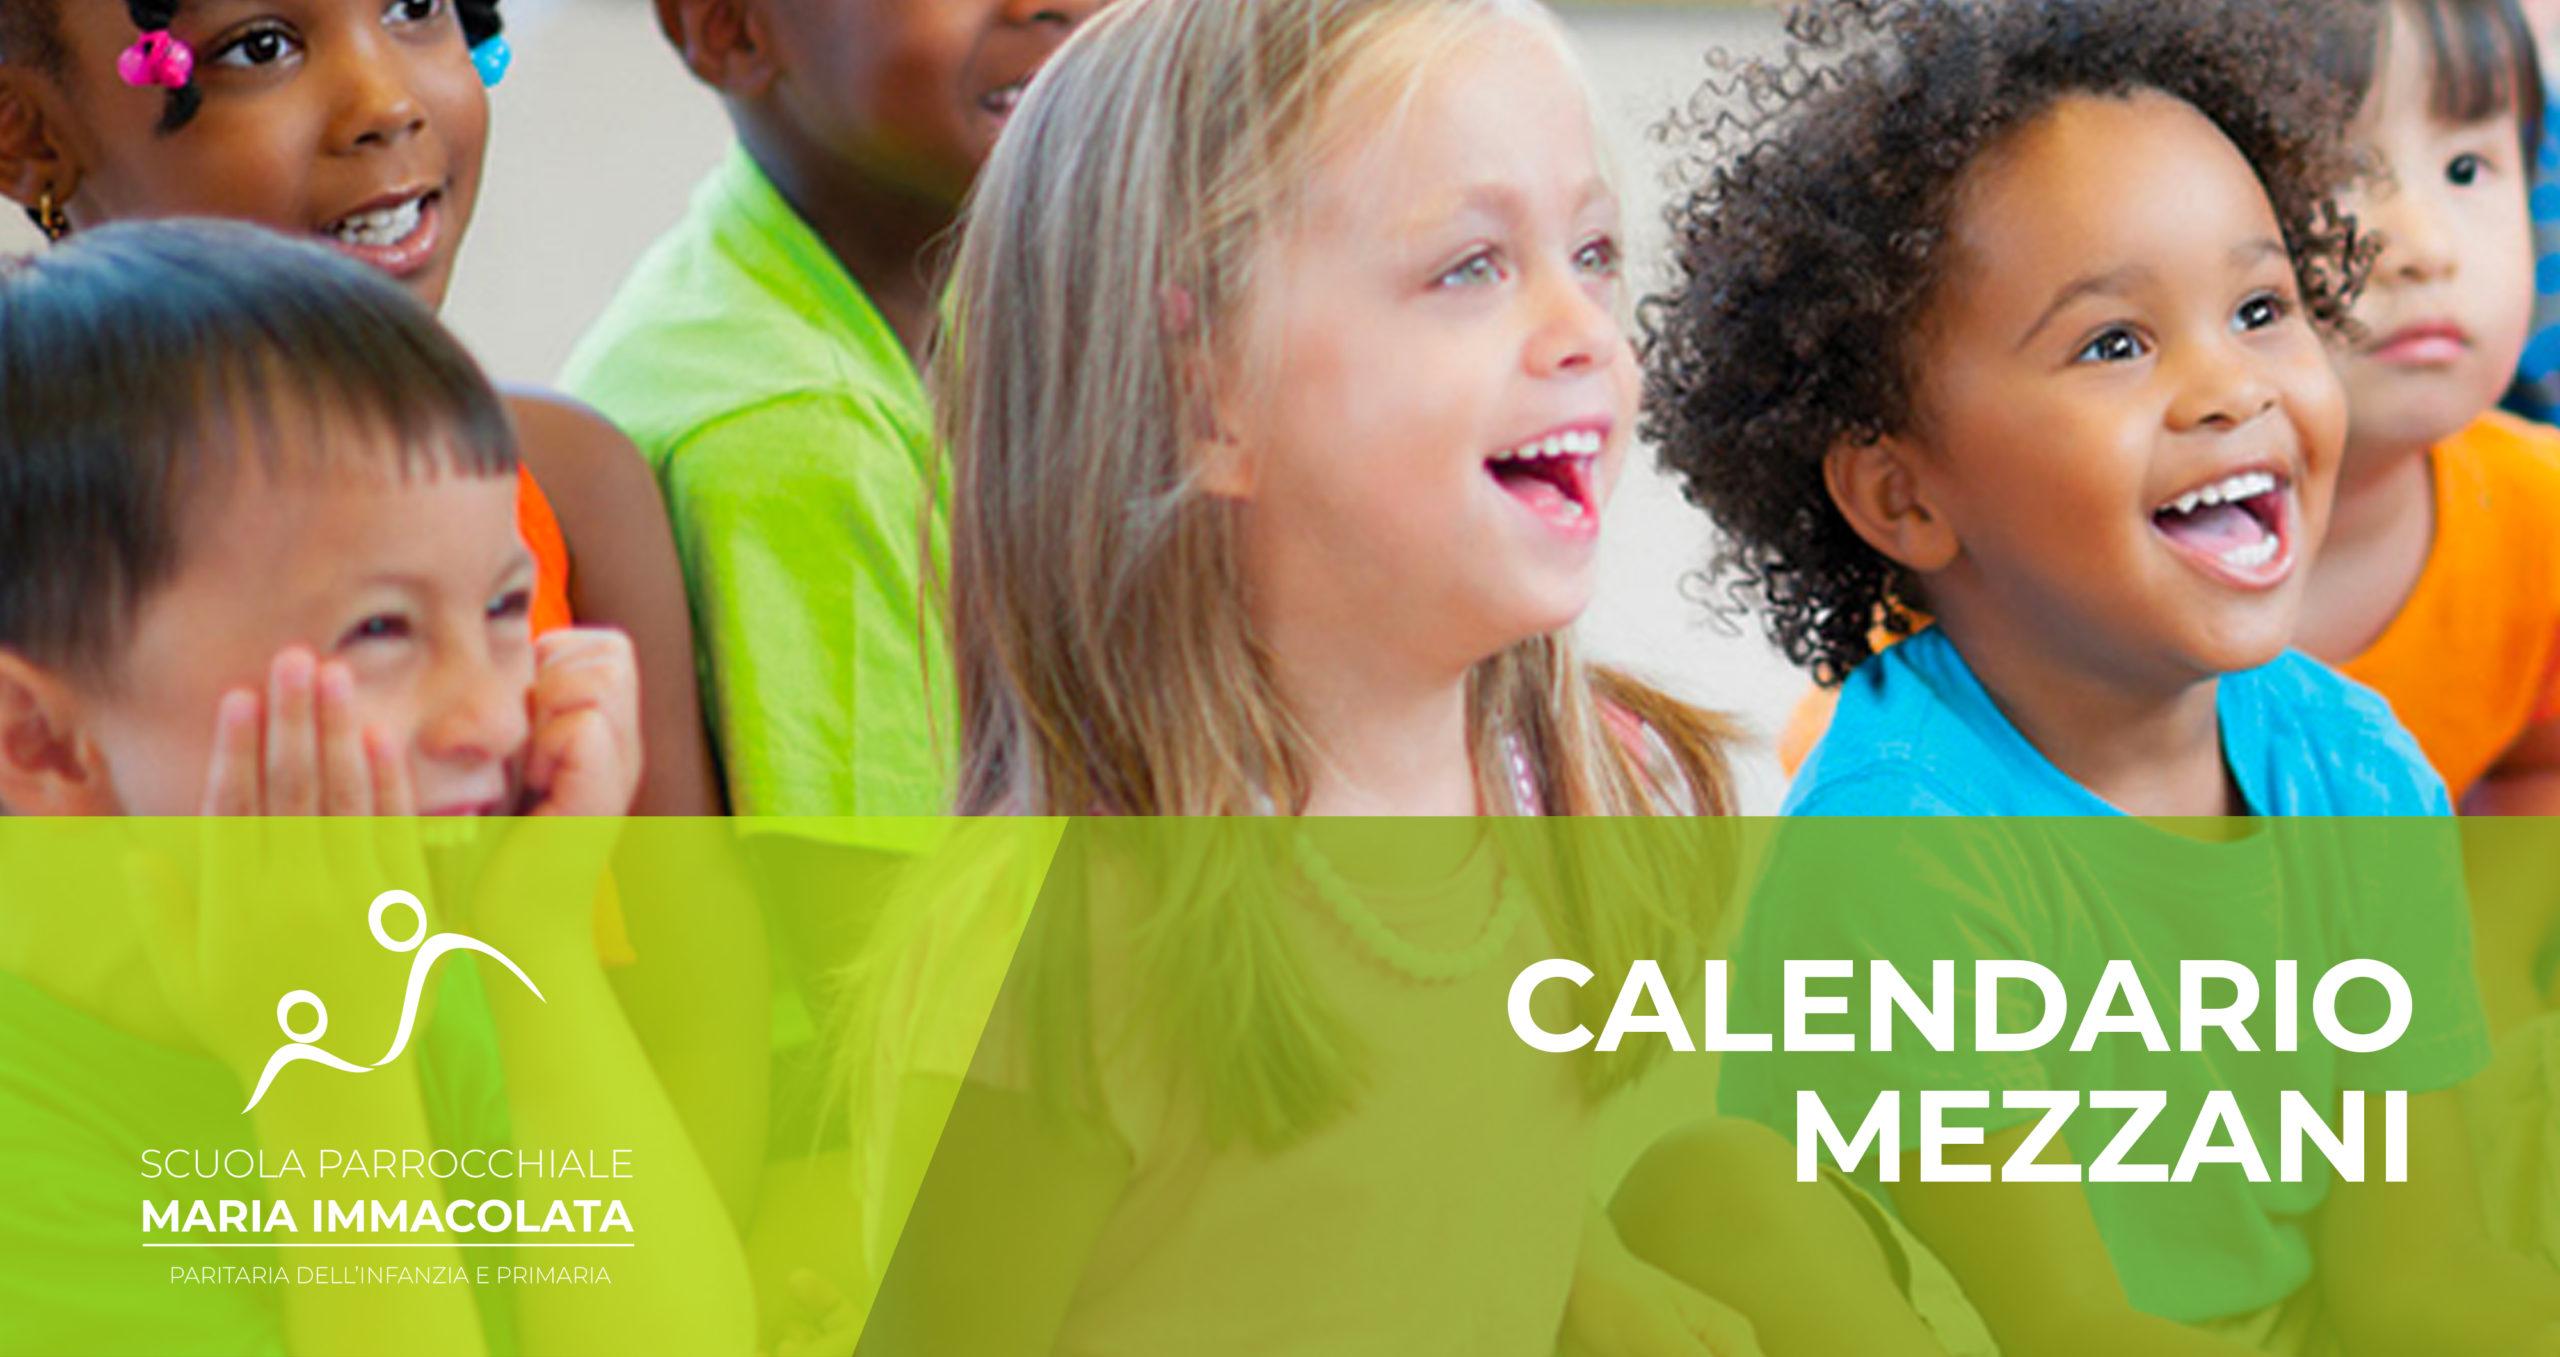 Calendario attività mezzani (secondo anno)